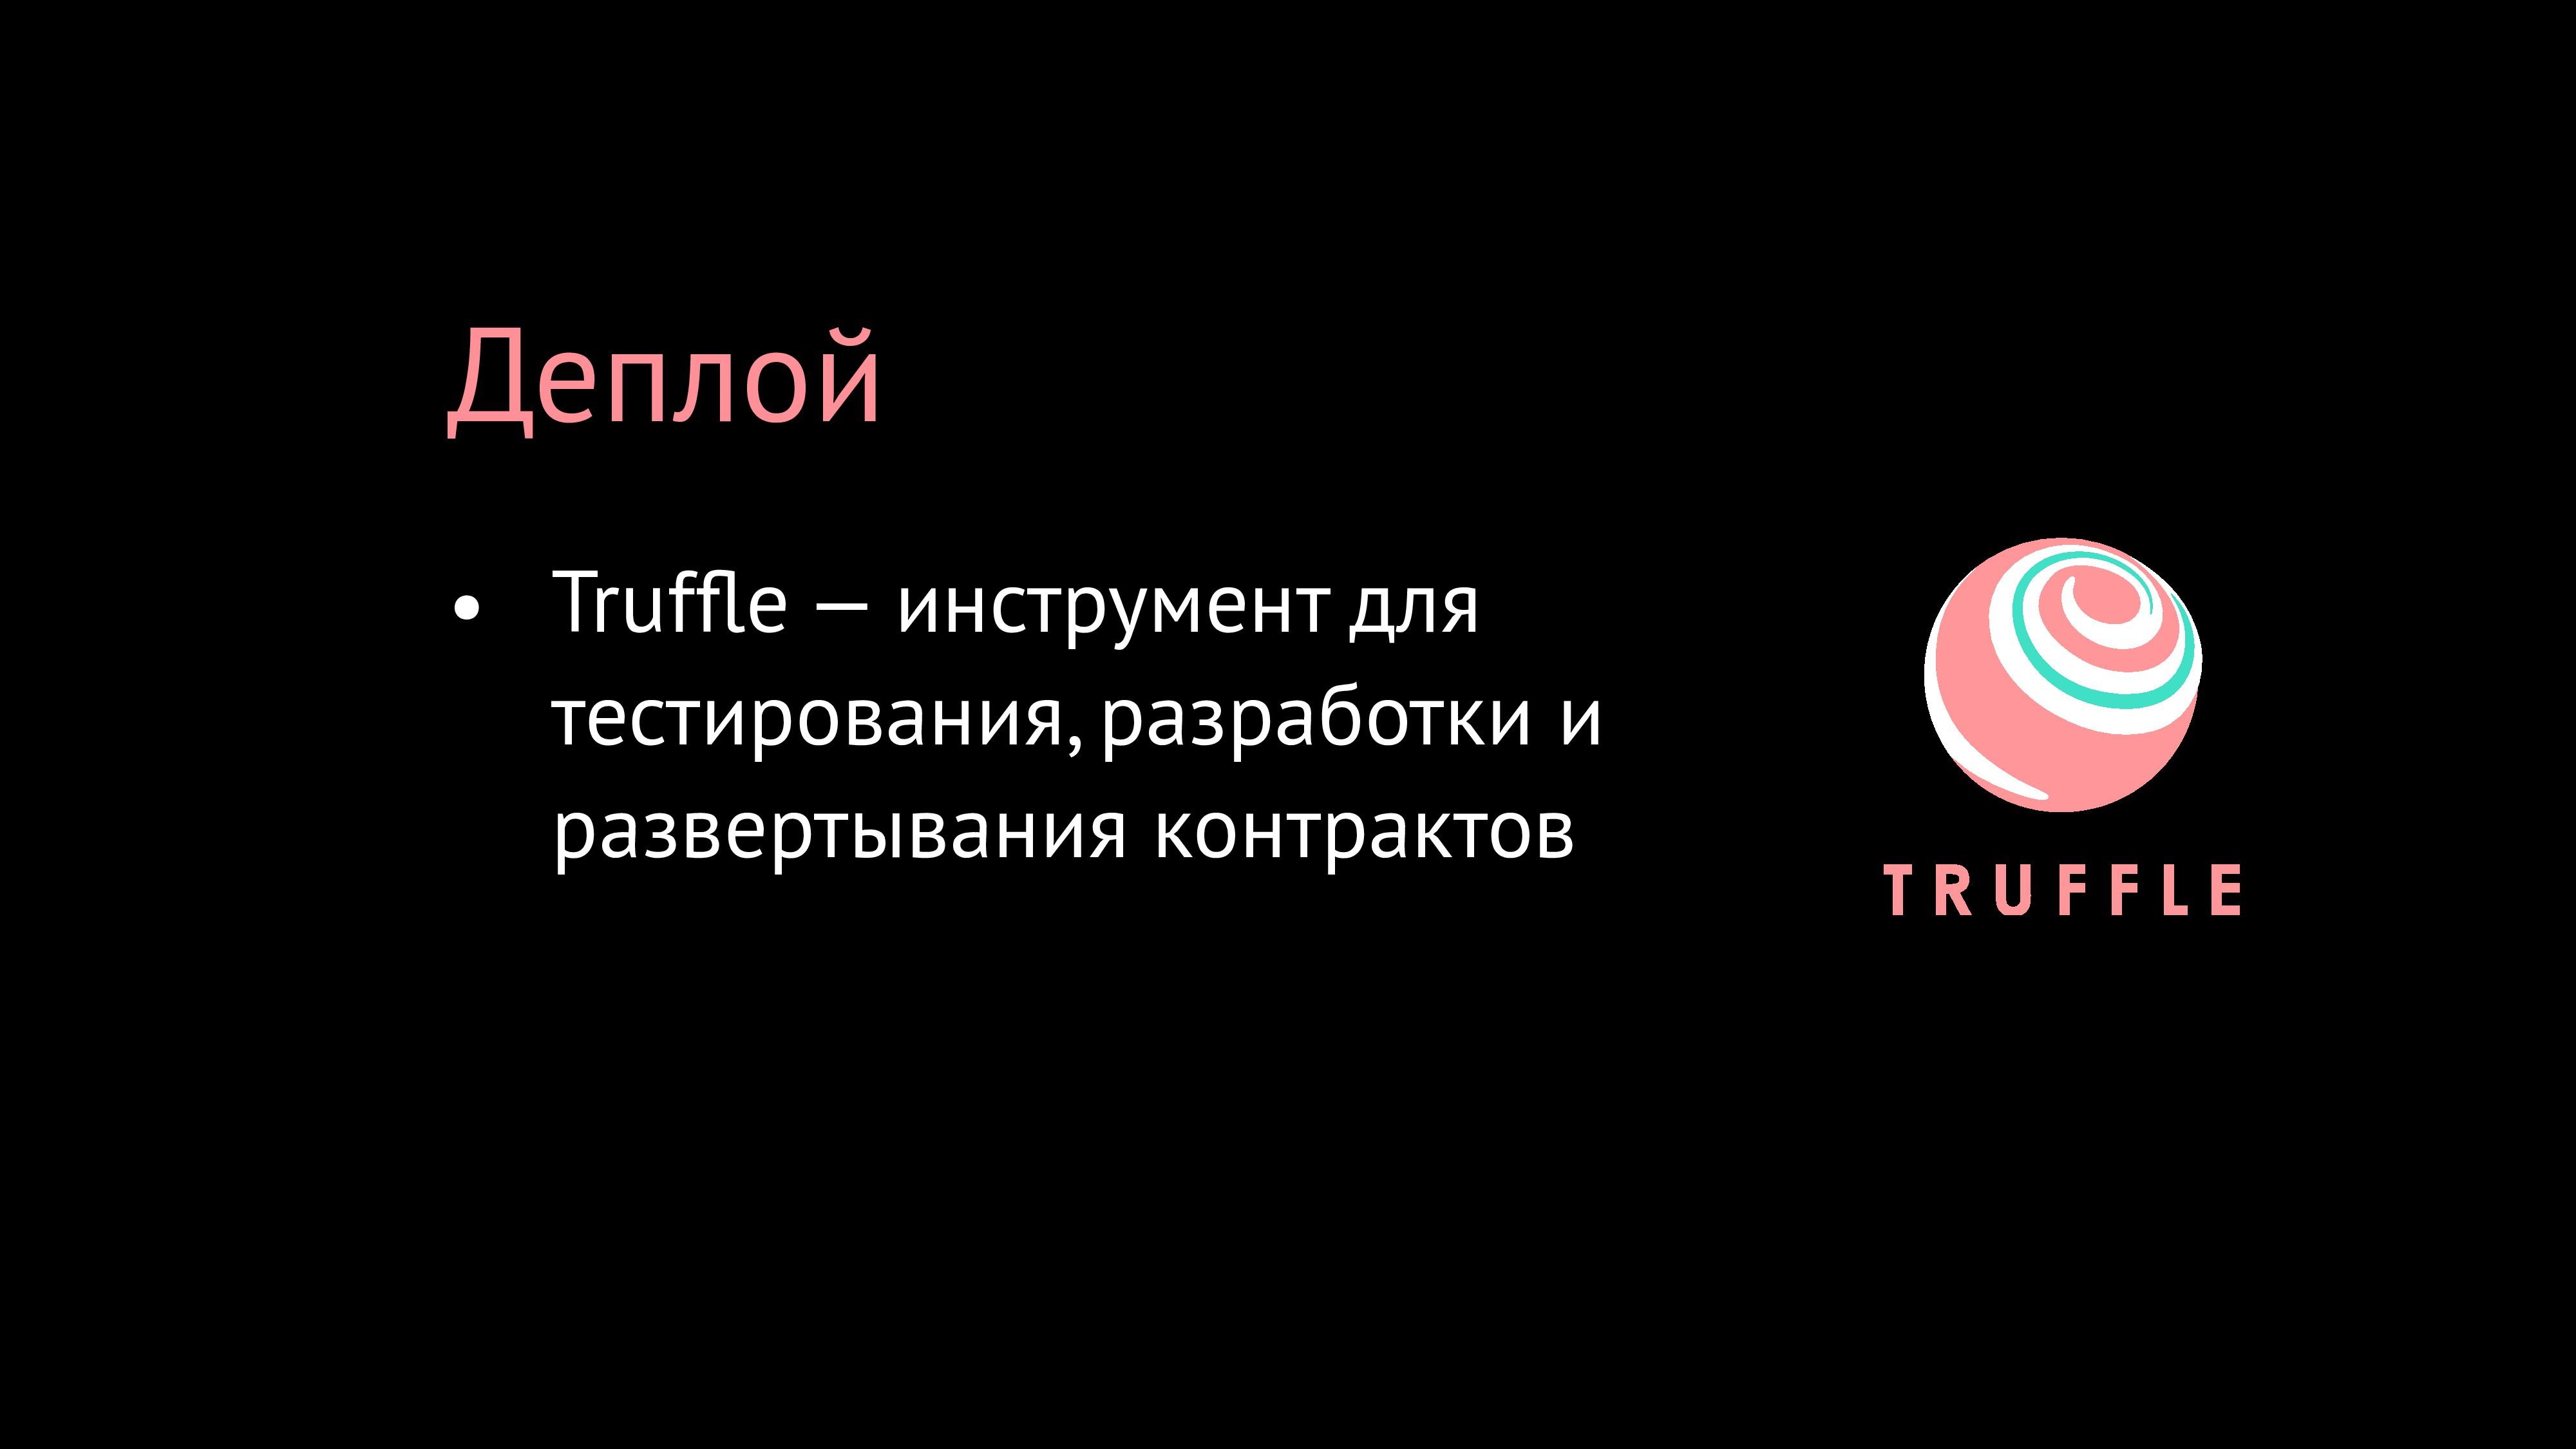 Деплой • Truffle — инструмент для тестирования,...